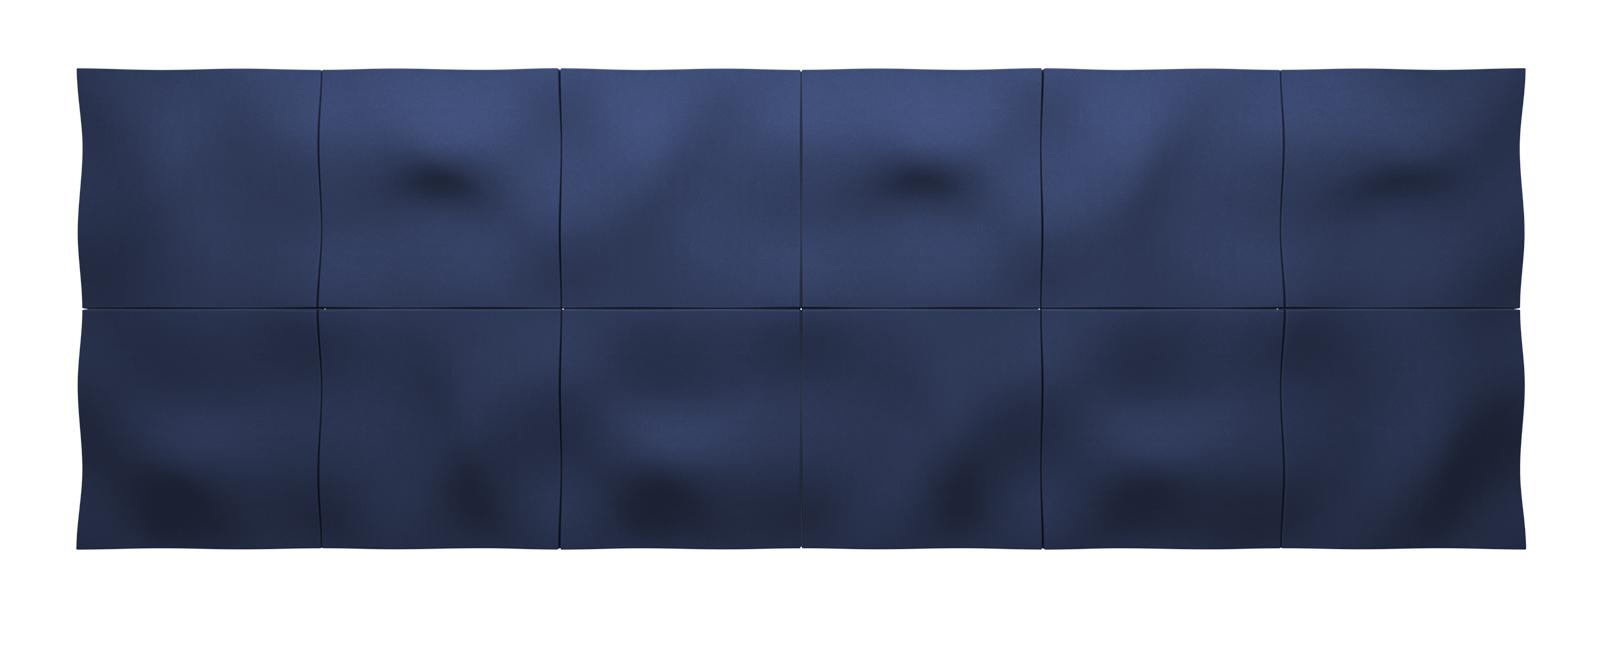 Autex Quietspace 3D Tiles S-5.26 | Stately